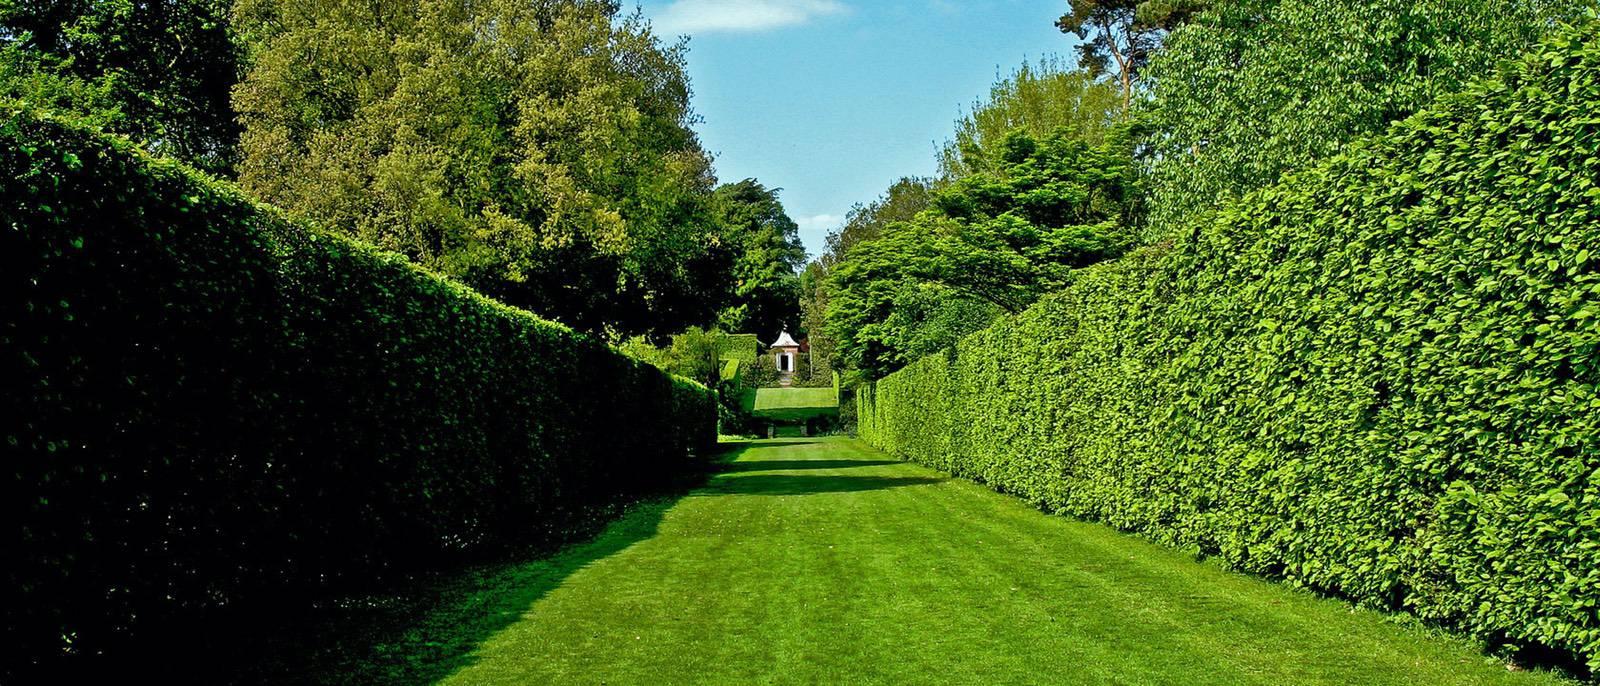 Hidcote-Manor-United-Kingdom-1680x720